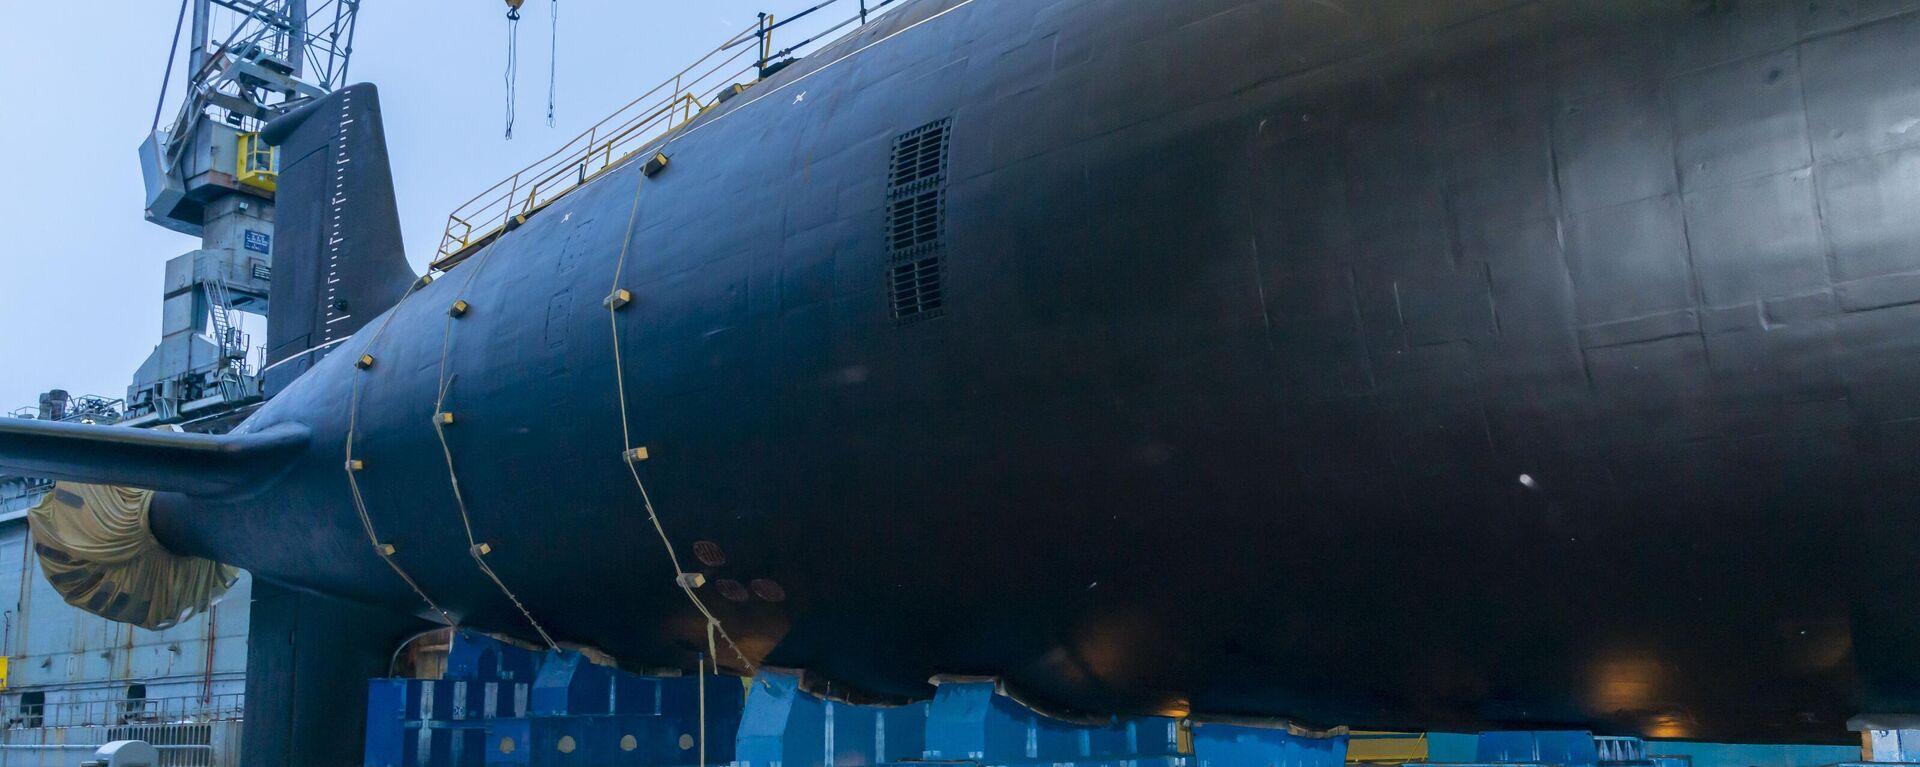 Un submarino de misiles de propulsión nuclear ruso, del proyecto Yasen-M - Sputnik Mundo, 1920, 08.05.2021